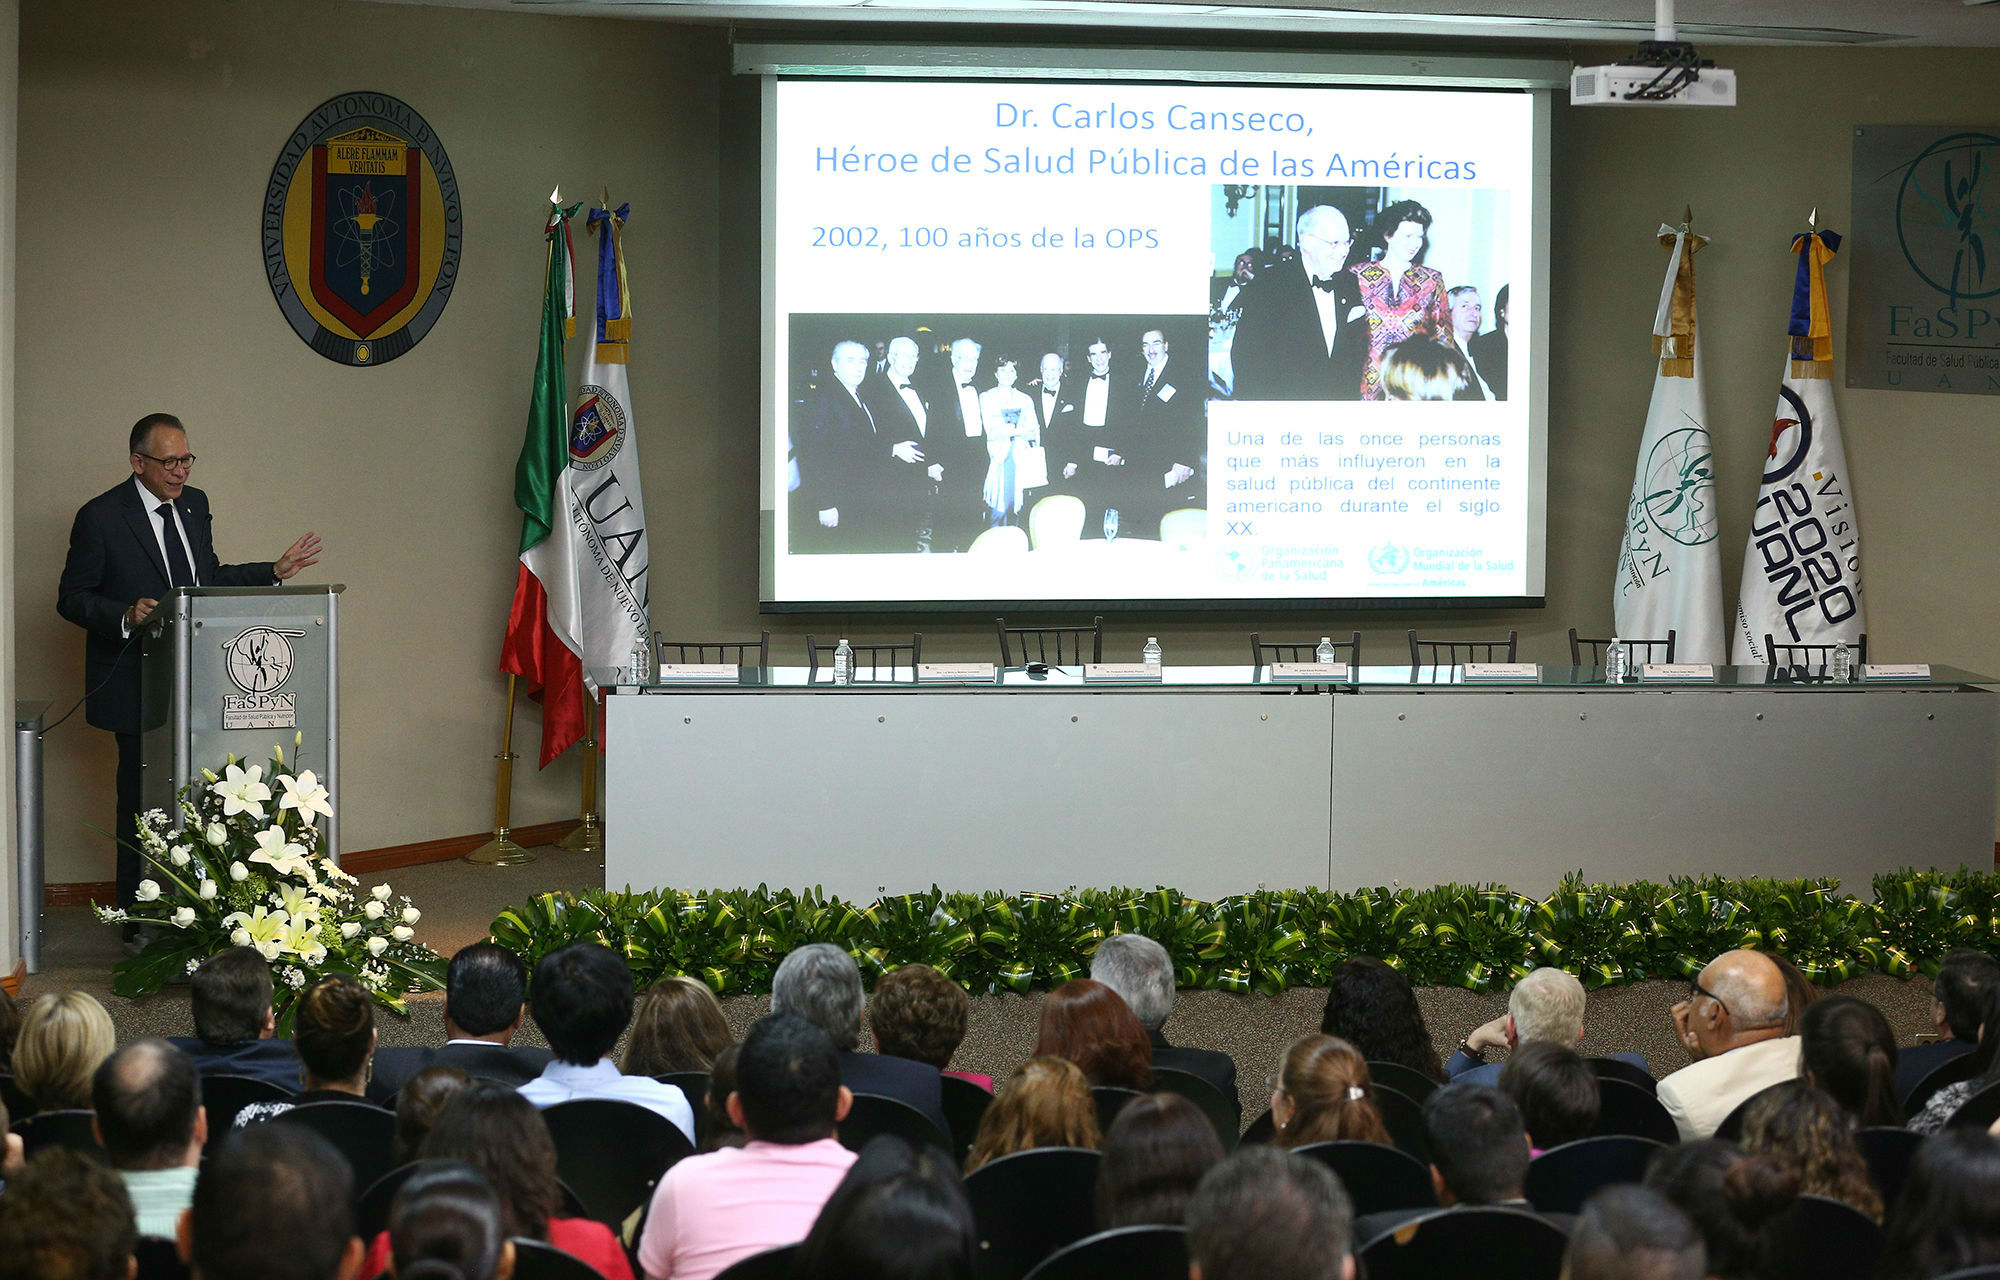 En su ponencia, Francisco Becerra compartió imágenes del Dr. Canseco en eventos de la Organización Panamericana de la Salud